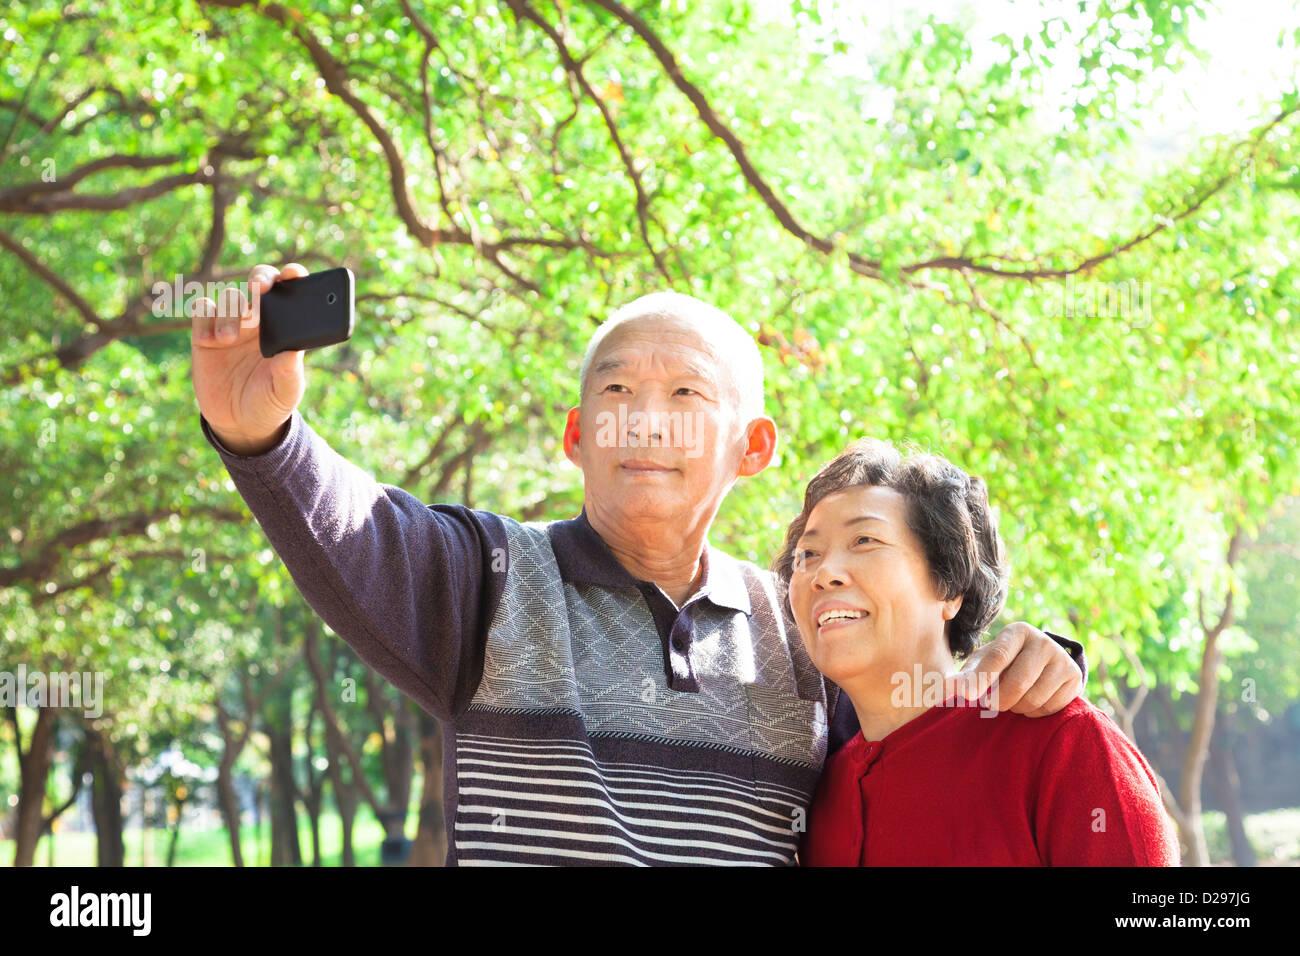 Las parejas ancianas tomando imagen de sí mismos outdoor Imagen De Stock